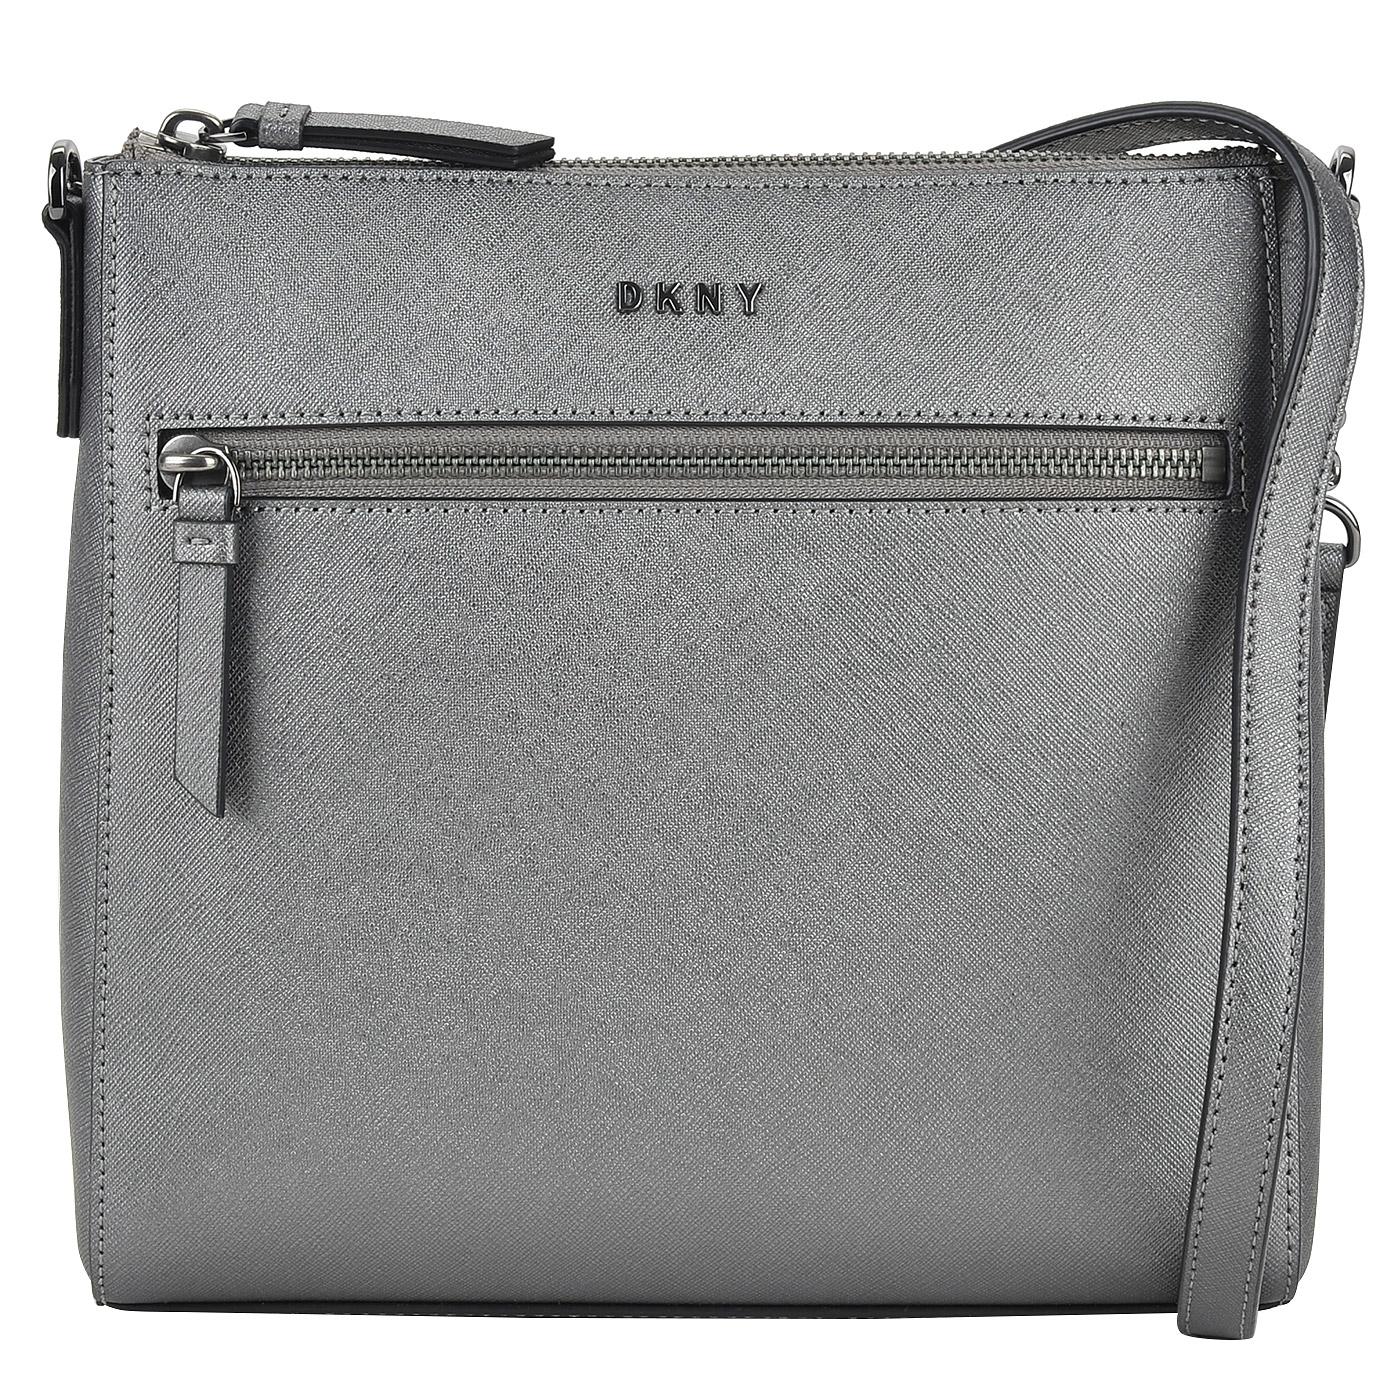 02f99d509559 Женская сумка кросс-боди из сафьяновой кожи DKNY Saffiano R74E1012 ...